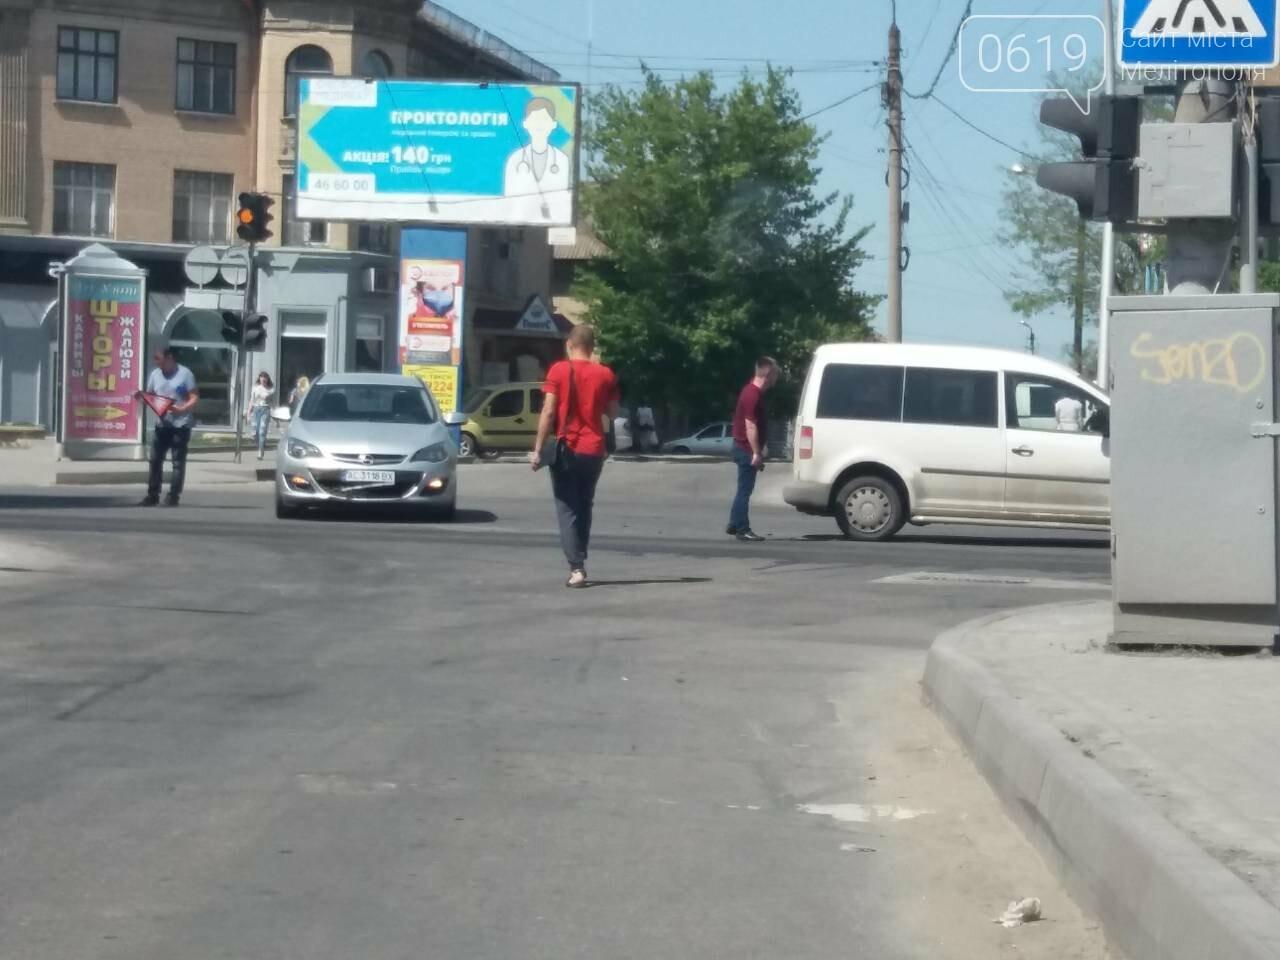 В Мелитополе столкнулись Volkswagen и Opel, - ФОТО, фото-1, Фото сайта 0619